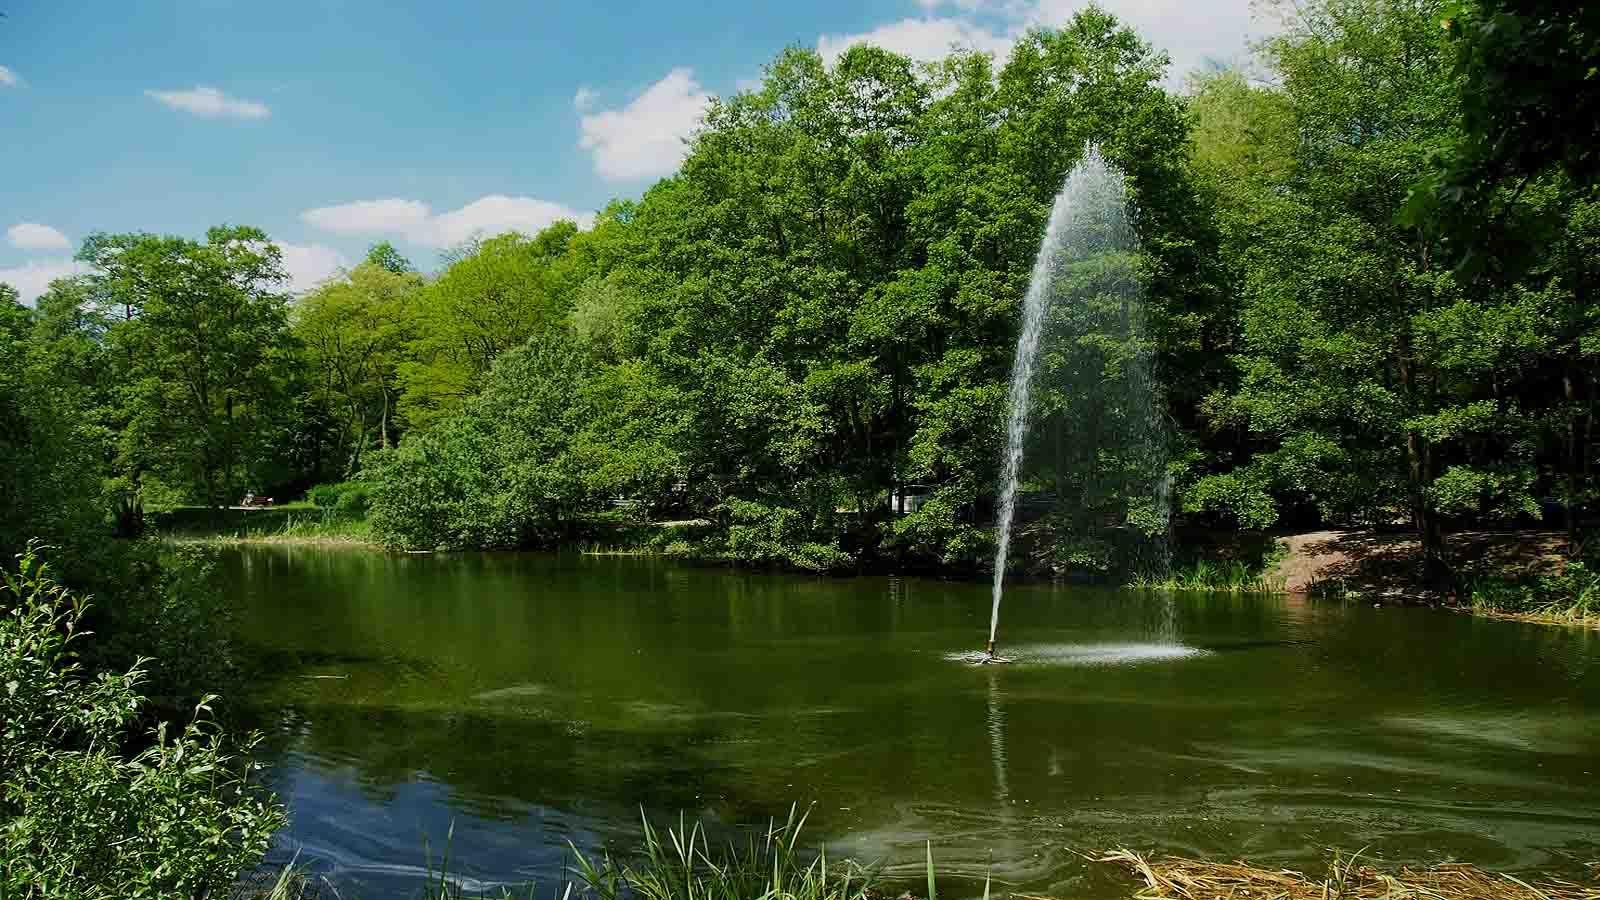 Cute Naherholung mit viel Gr n ist der Deutsch Franz sische Garten in Saarbr cken Wer will kann ja mehrfach um den See spazieren Egal bei welch u